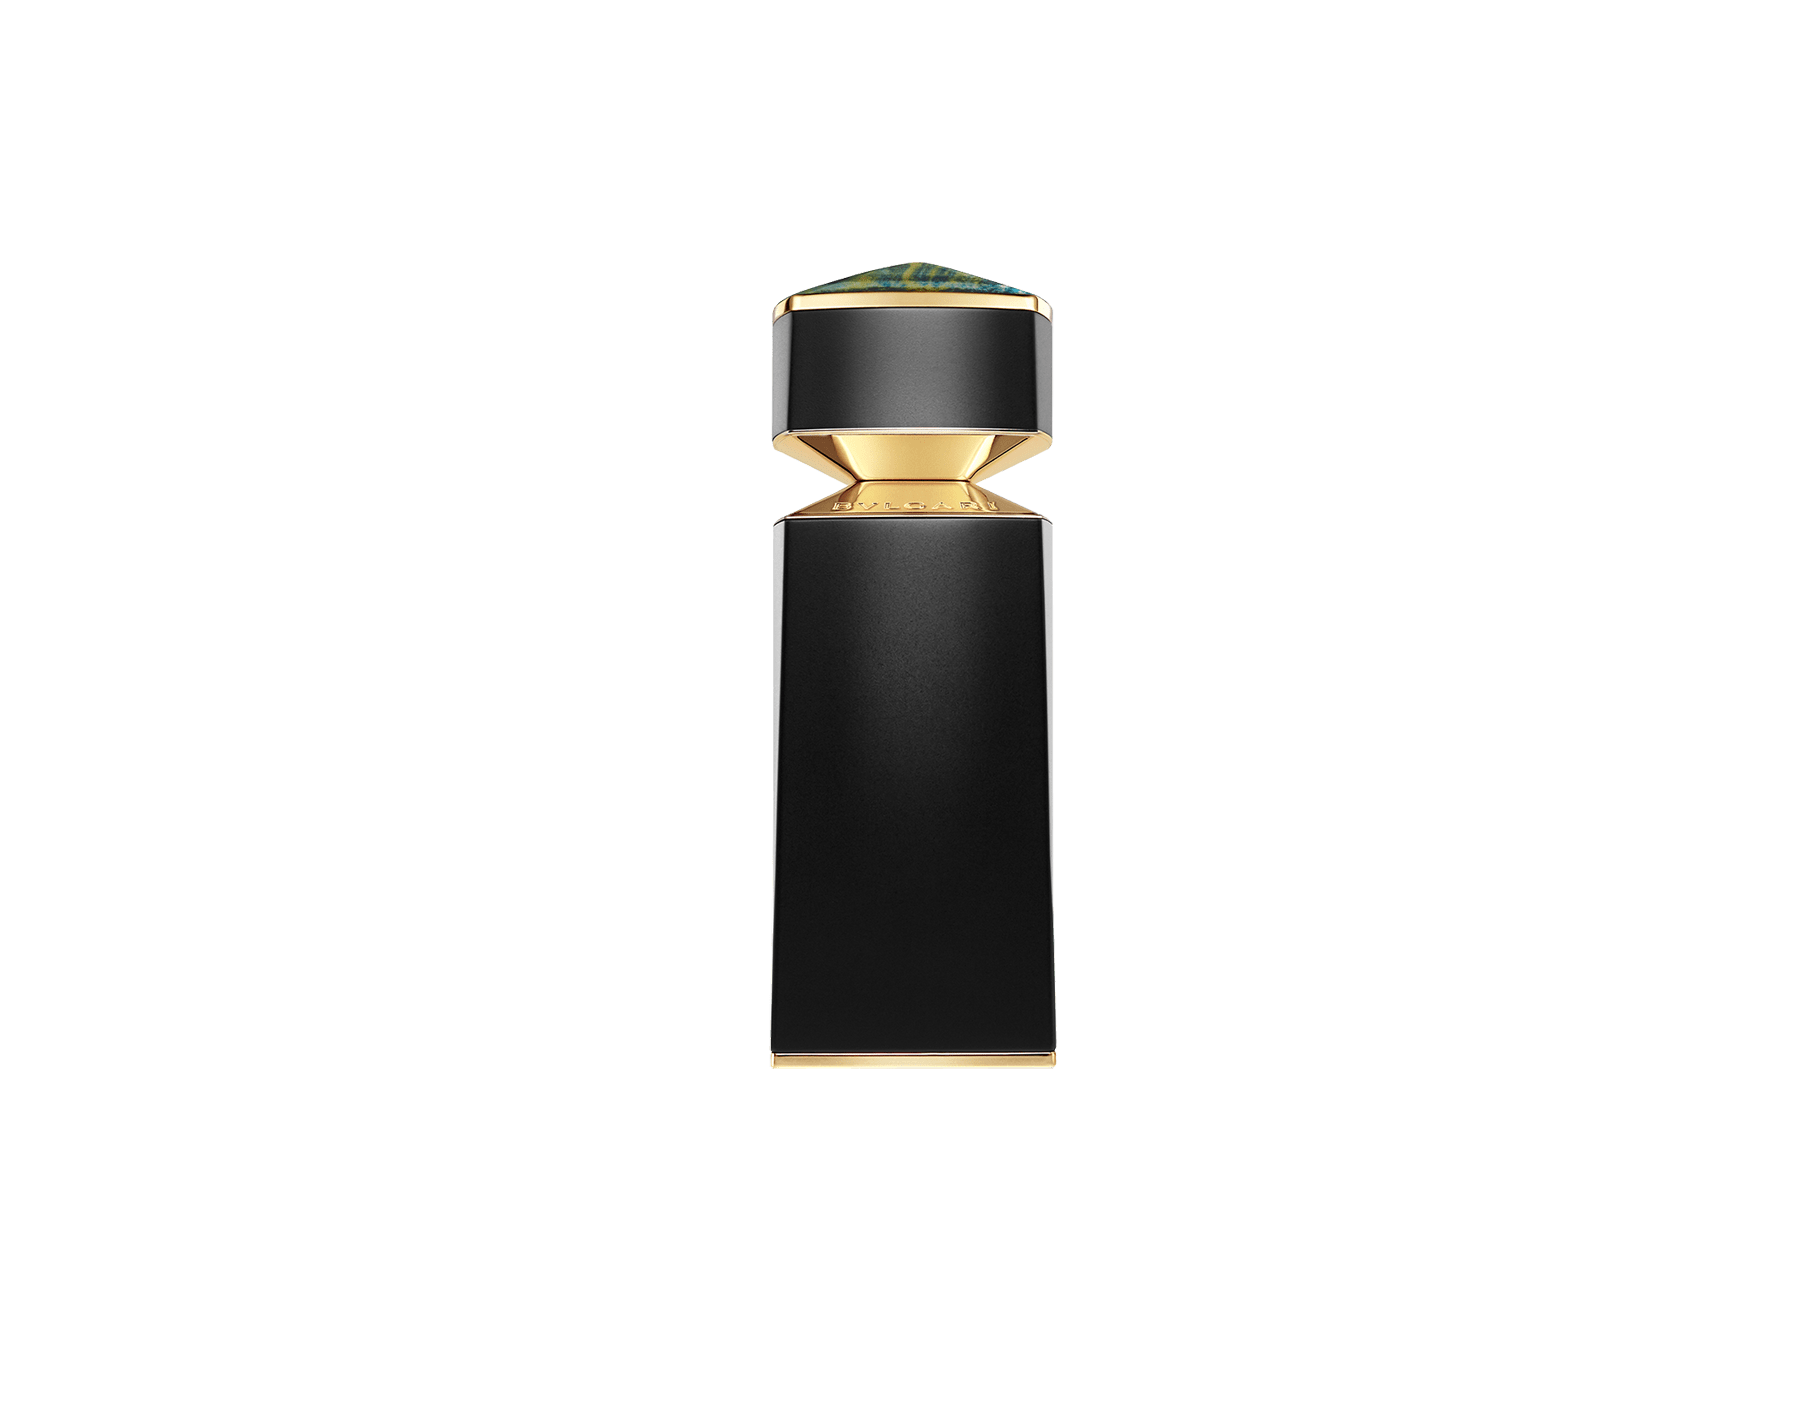 Tiefer, üppiger schwarzer Moschus und leichte, warme Noten von gegerbtem Leder, eingehüllt in geheimnisvolles Adlerholz 40163 image 1